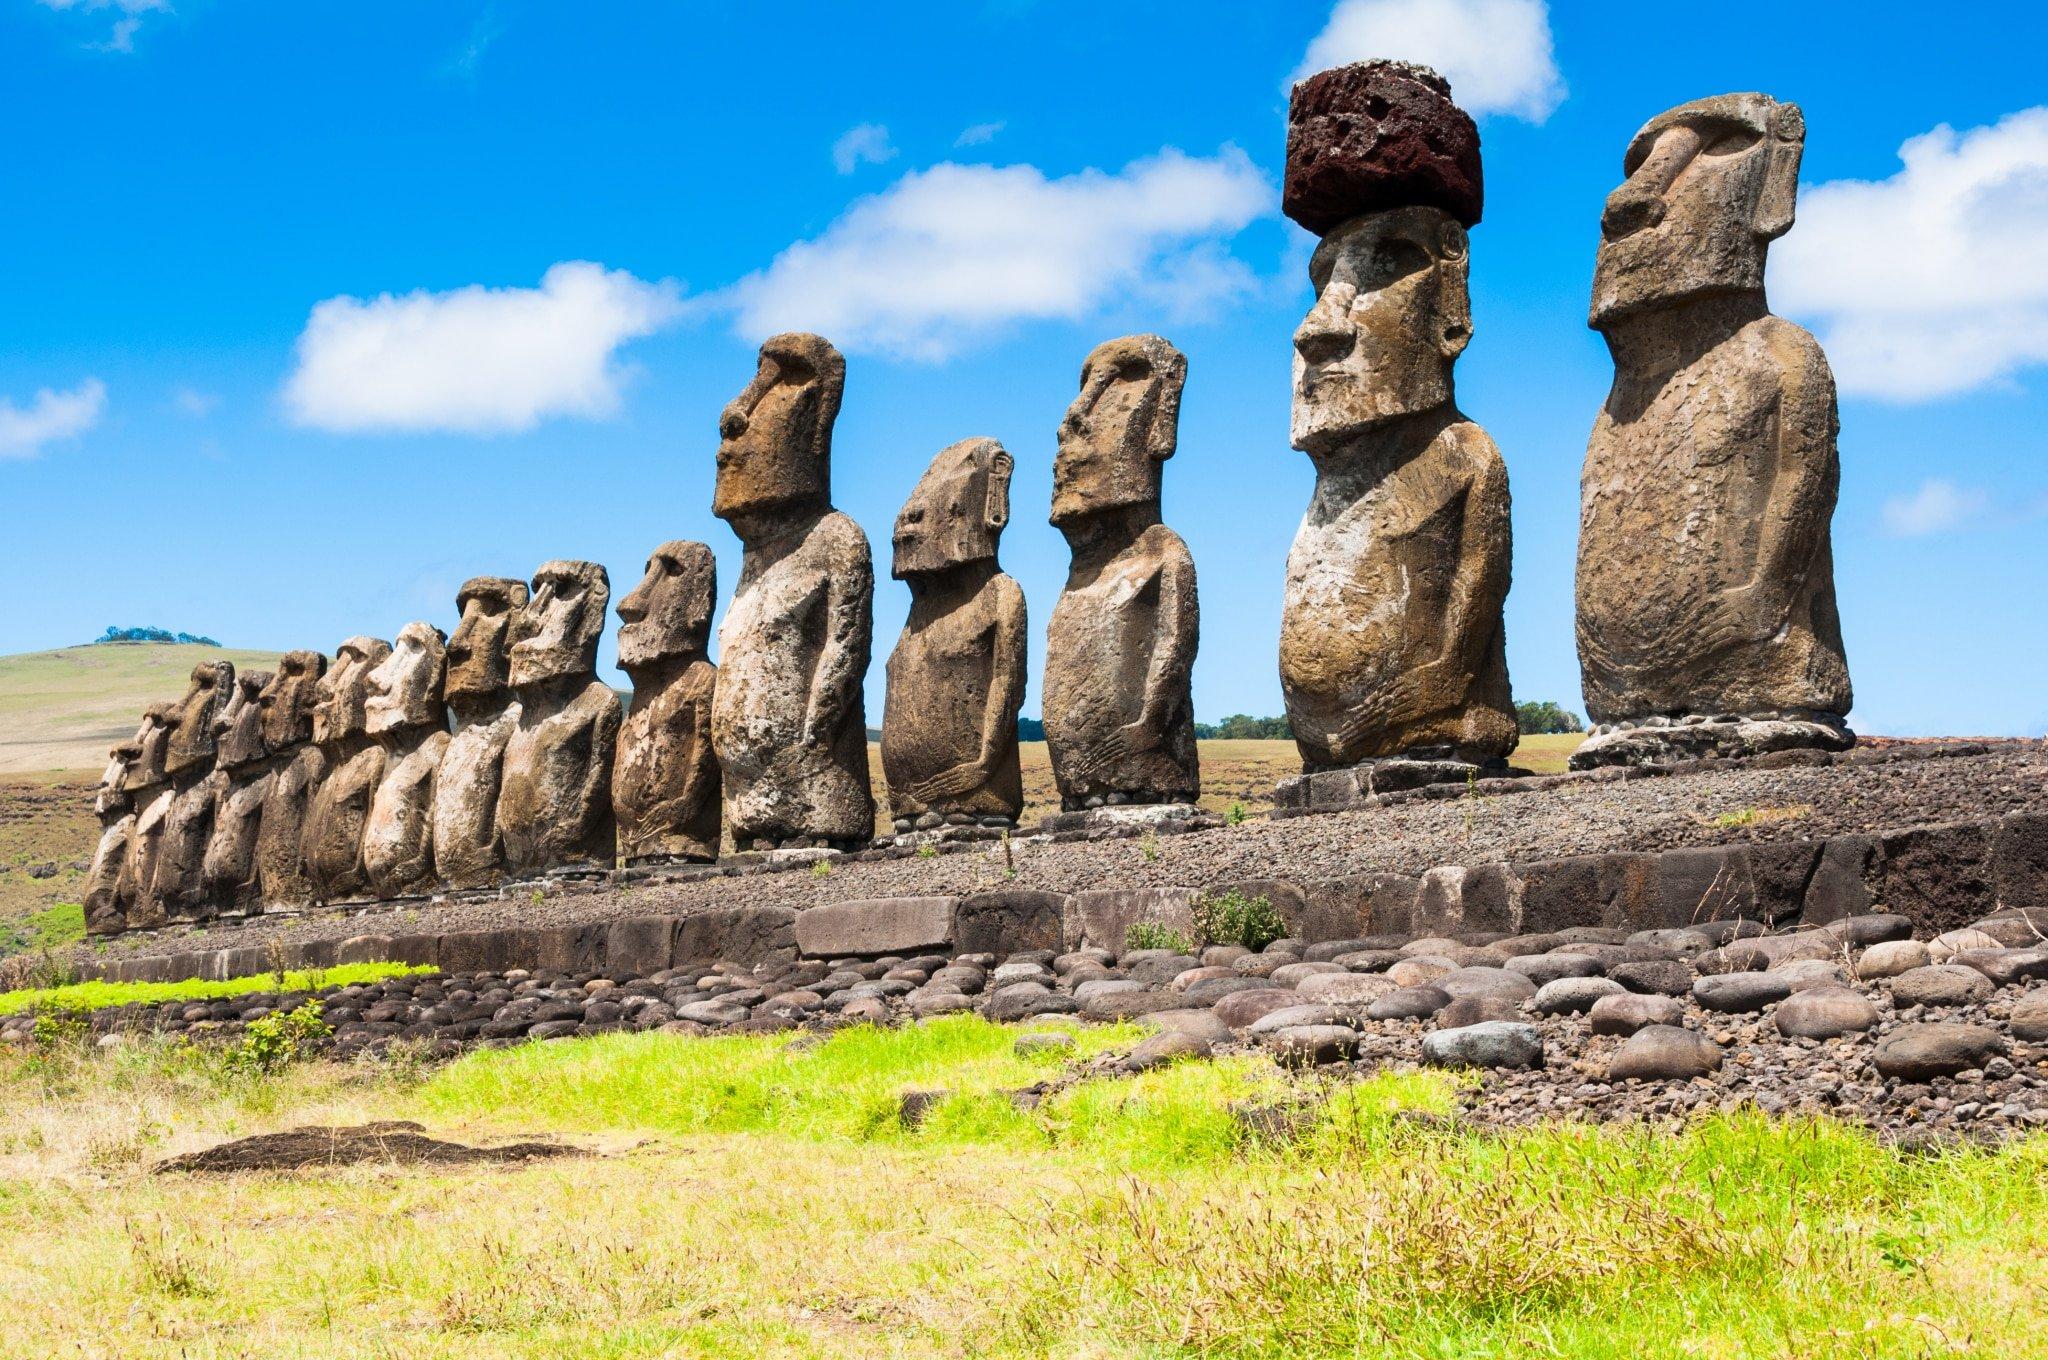 Khám phá nguồn gốc bí ẩn những bức tượng đá trên Đảo Phục sinh - 1